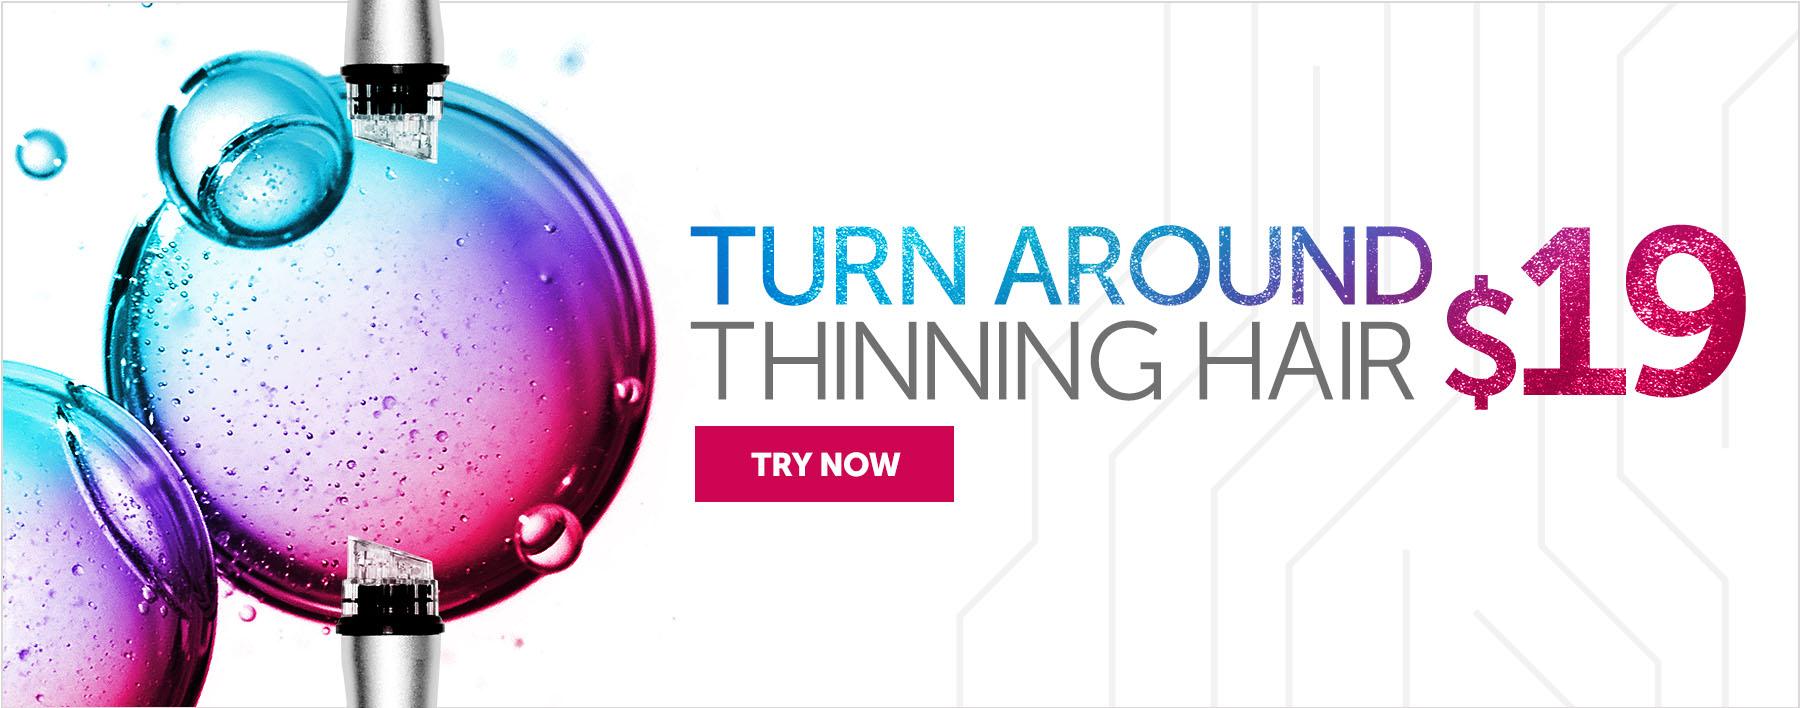 Turn Around Thinning Hair at $19